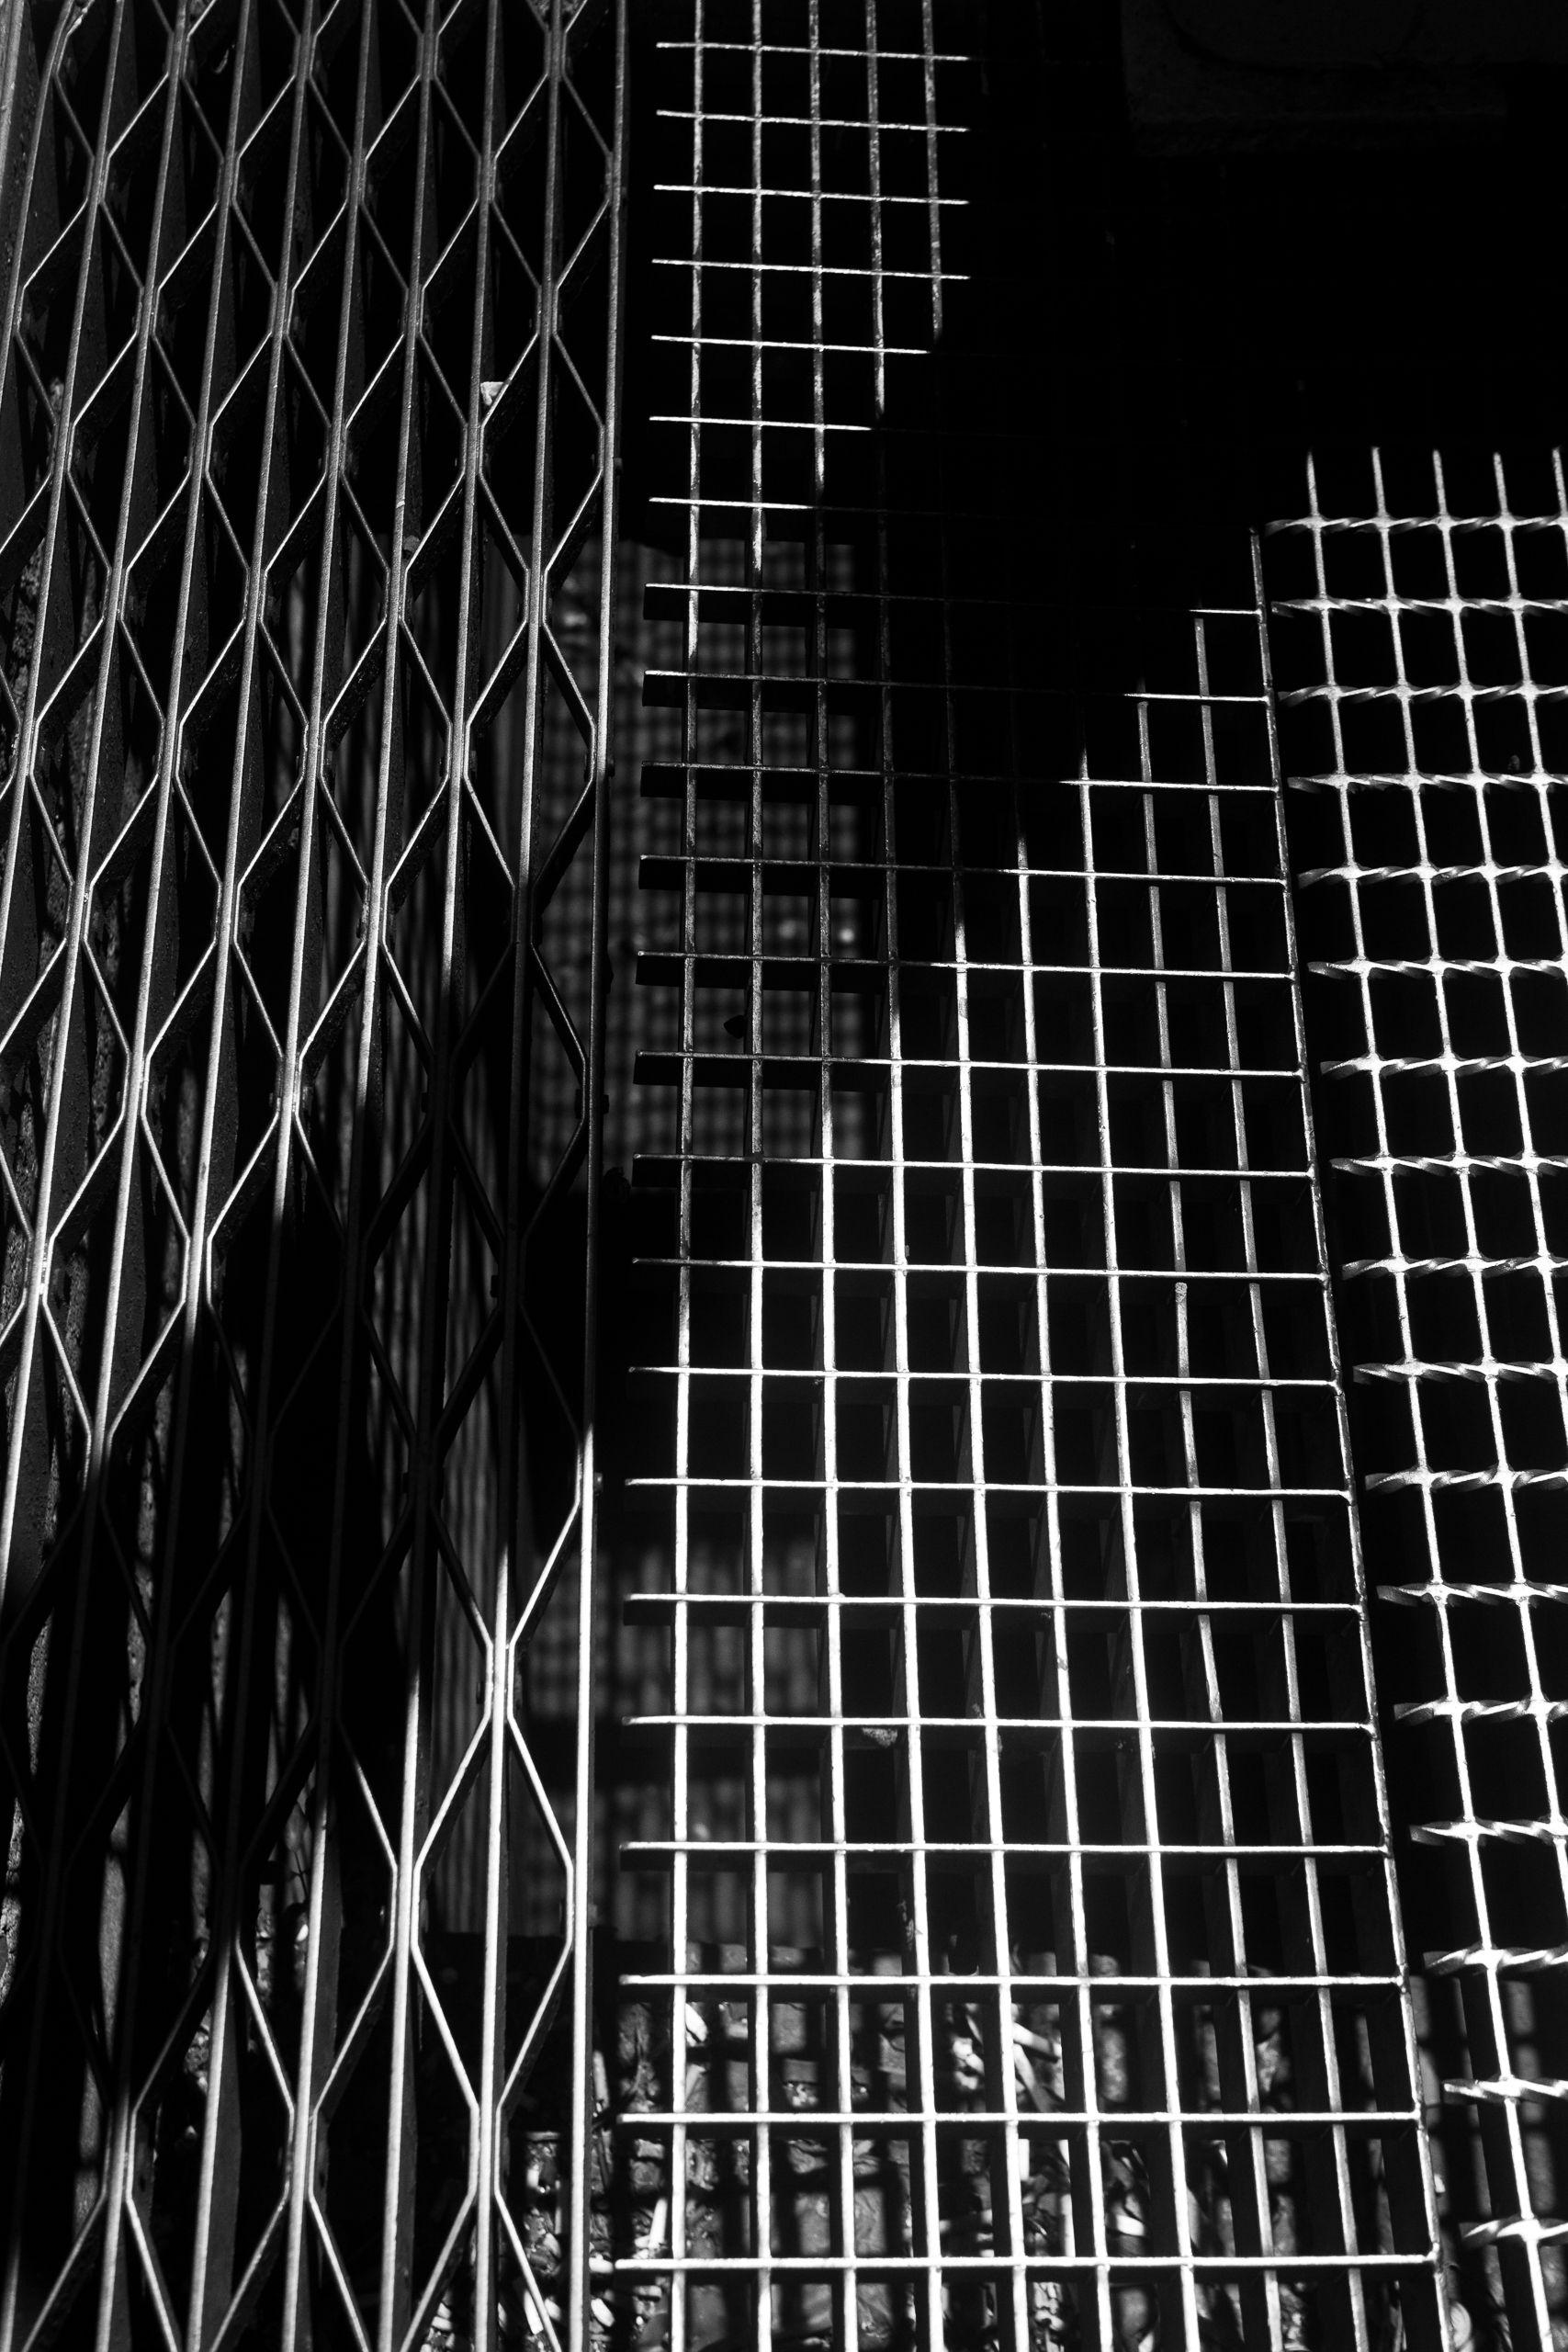 Subway grate, Flatiron District, Manhattan